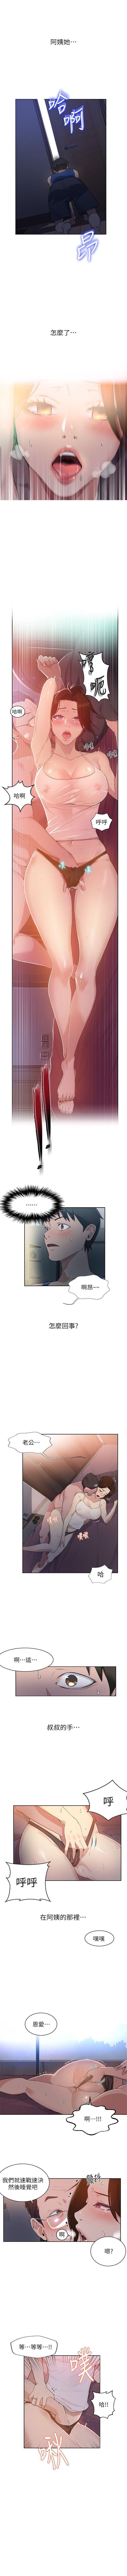 秘密教學  1-69 官方中文(連載中) 10